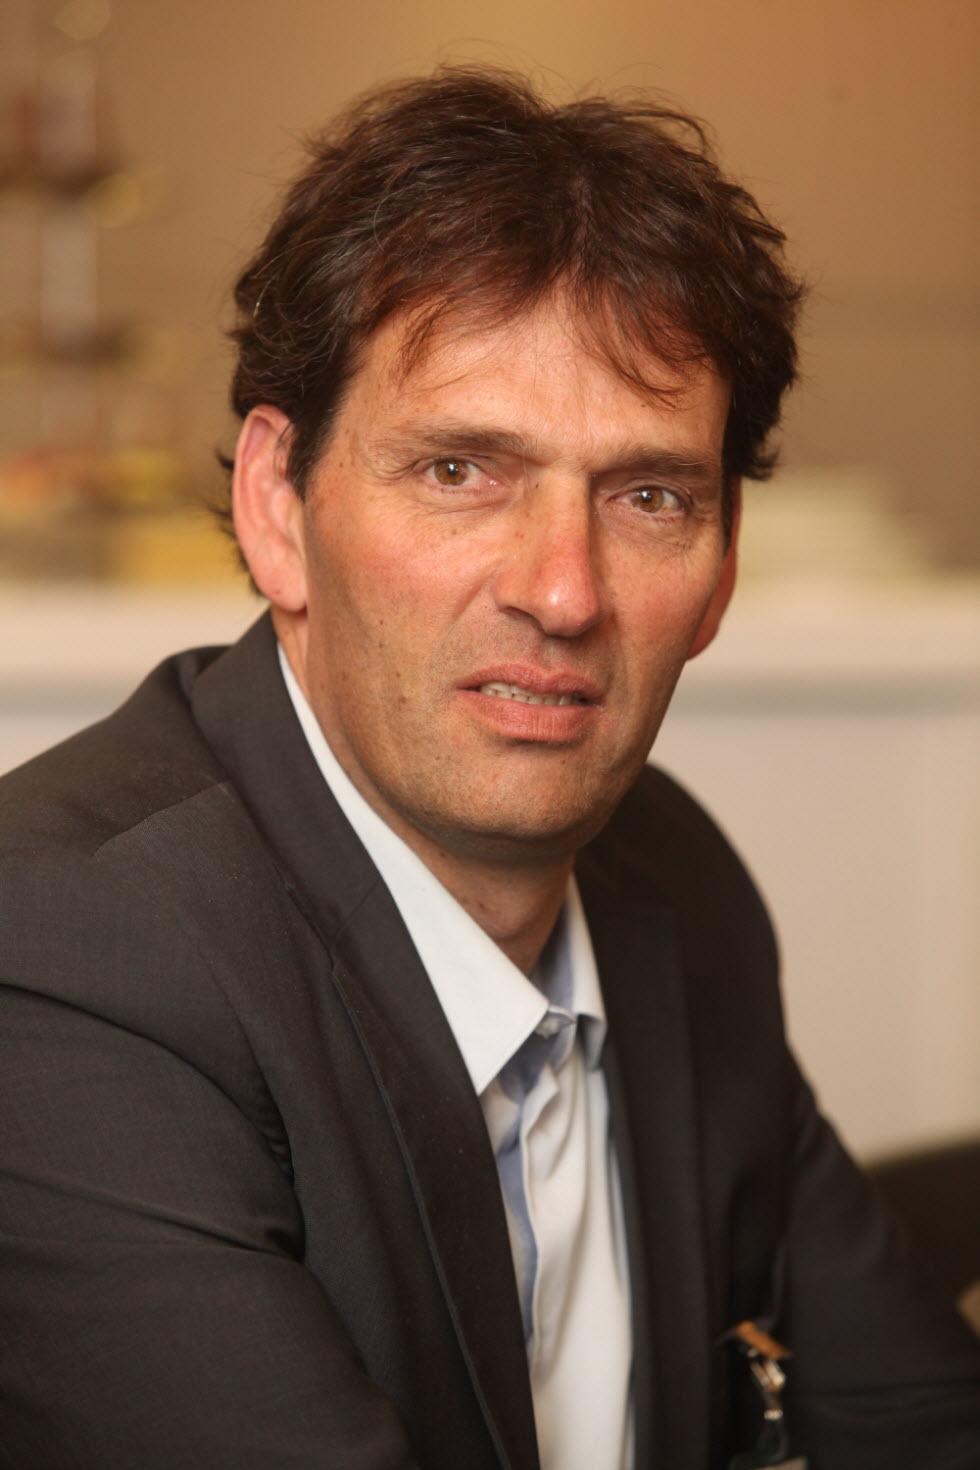 אמיר הלוי, מנכ